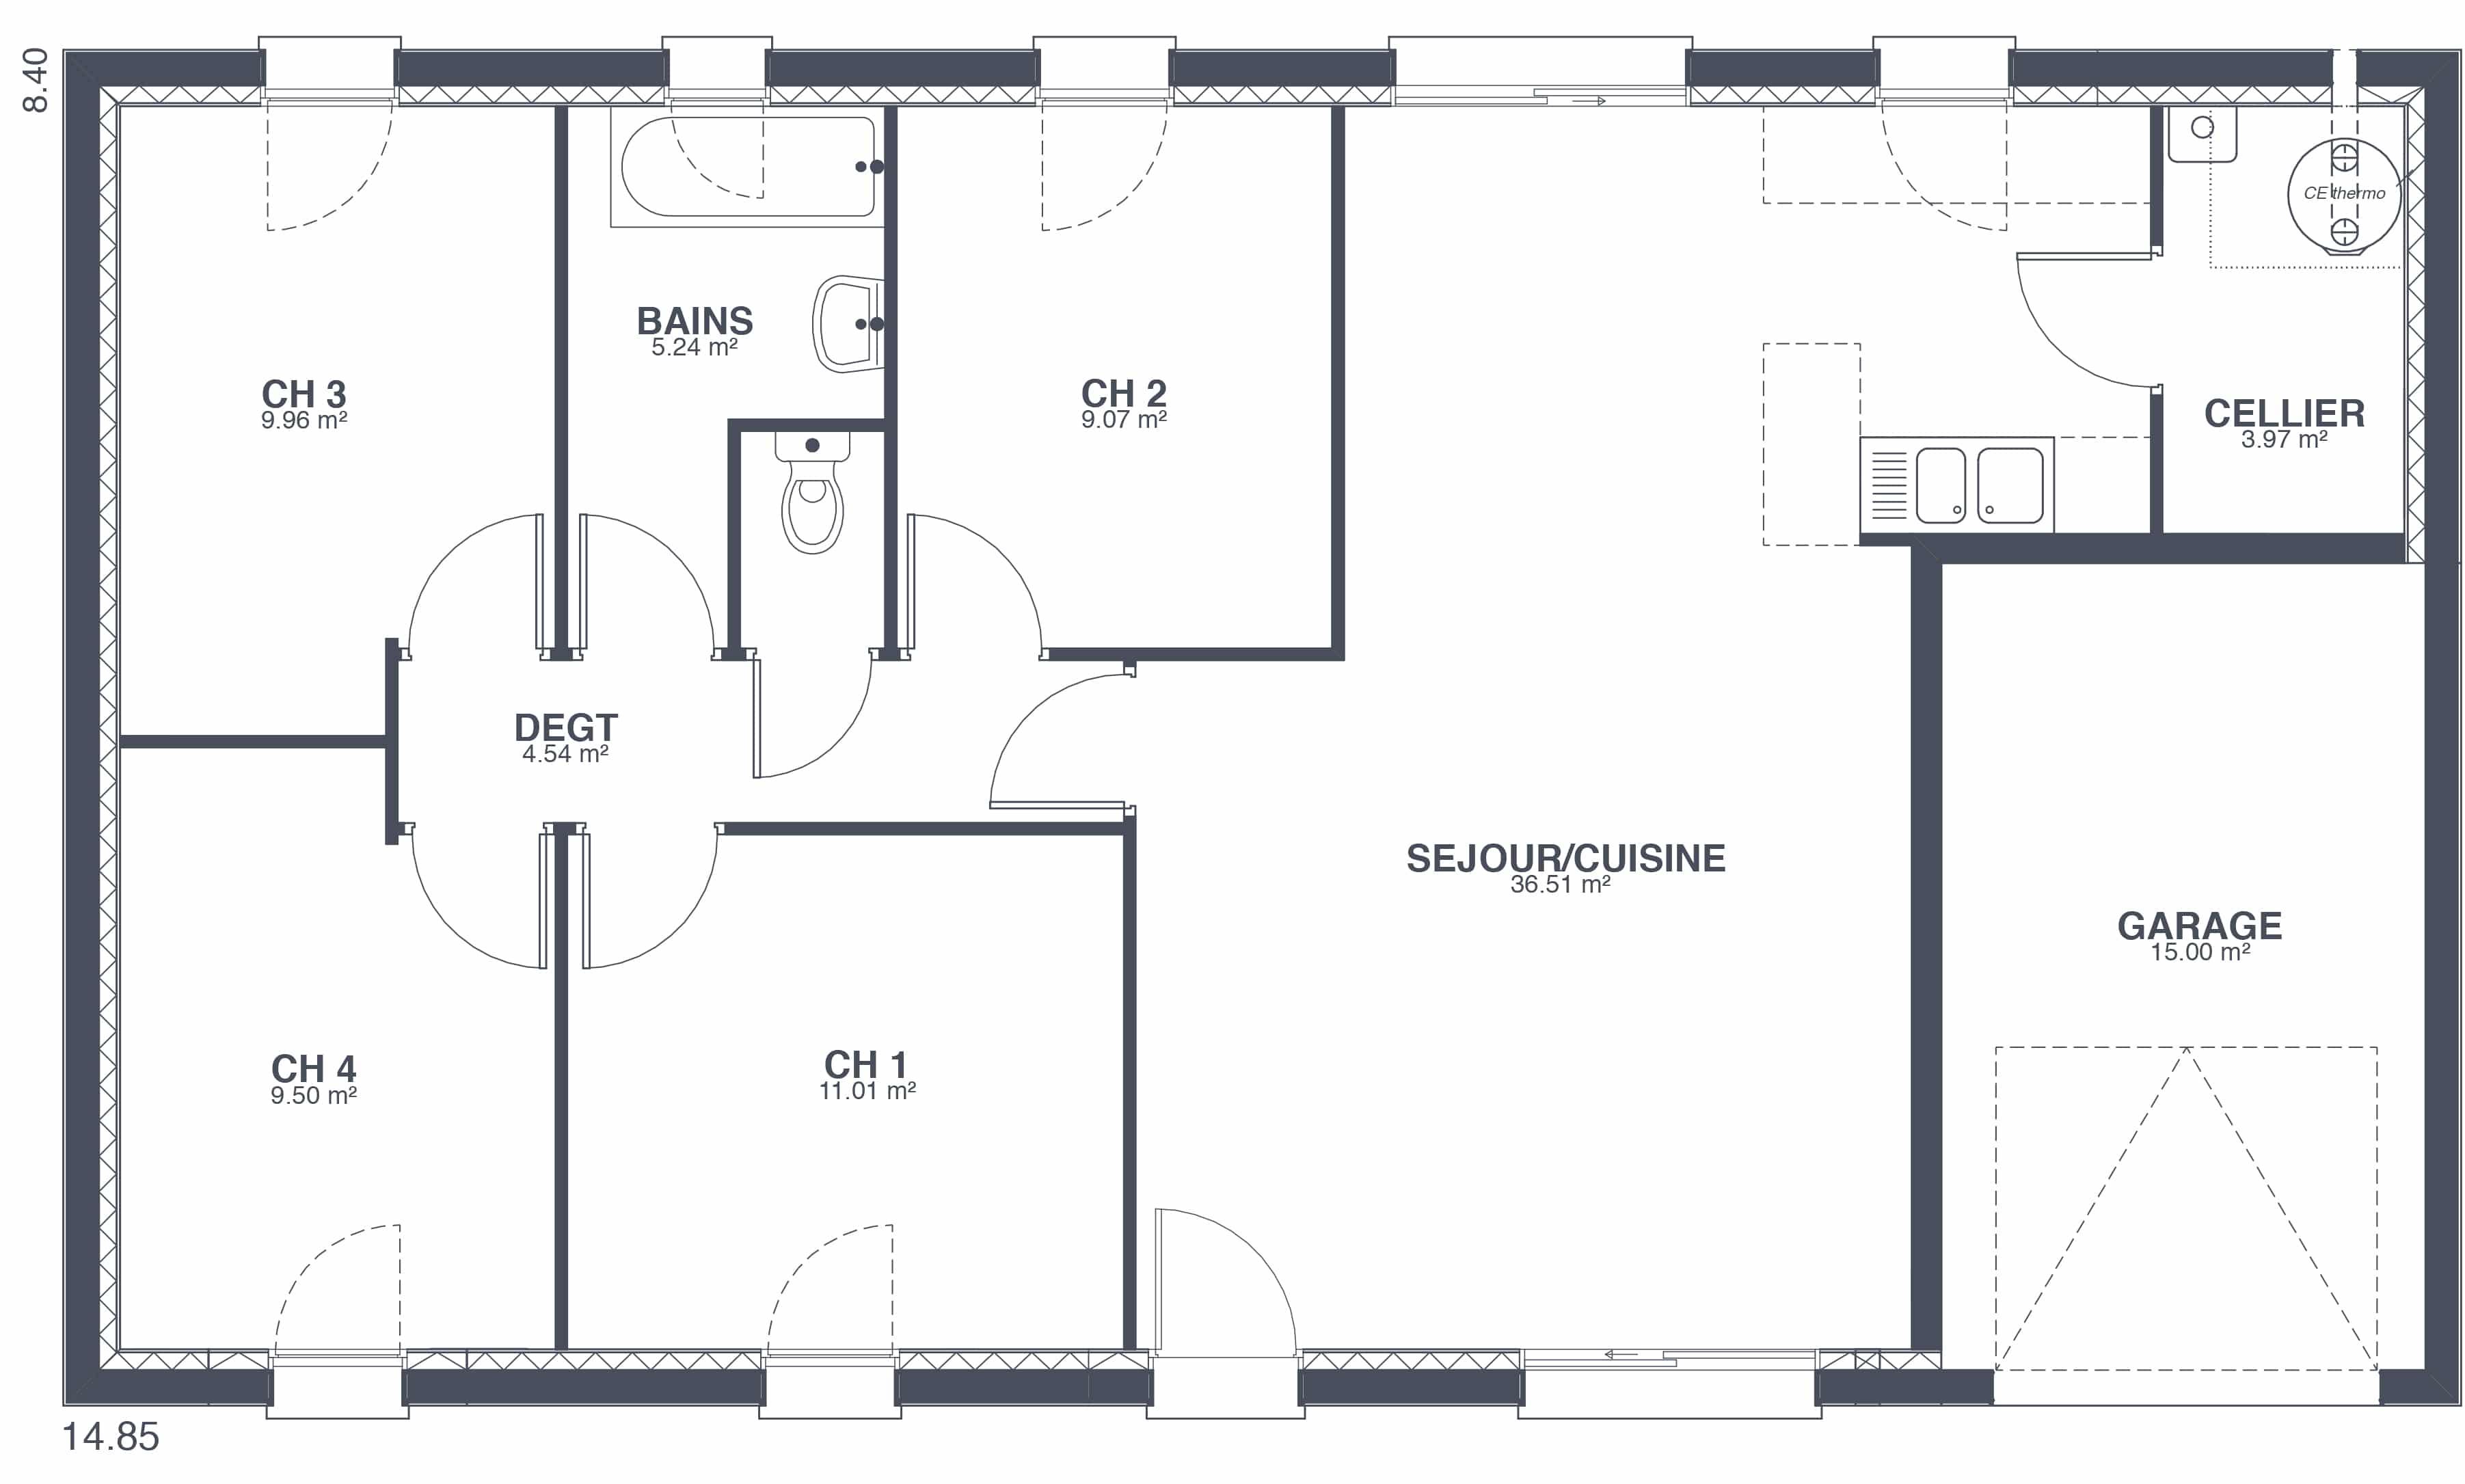 Maison focus 91m2 modele 4 chambres petit prix - Modele maison familiale ...